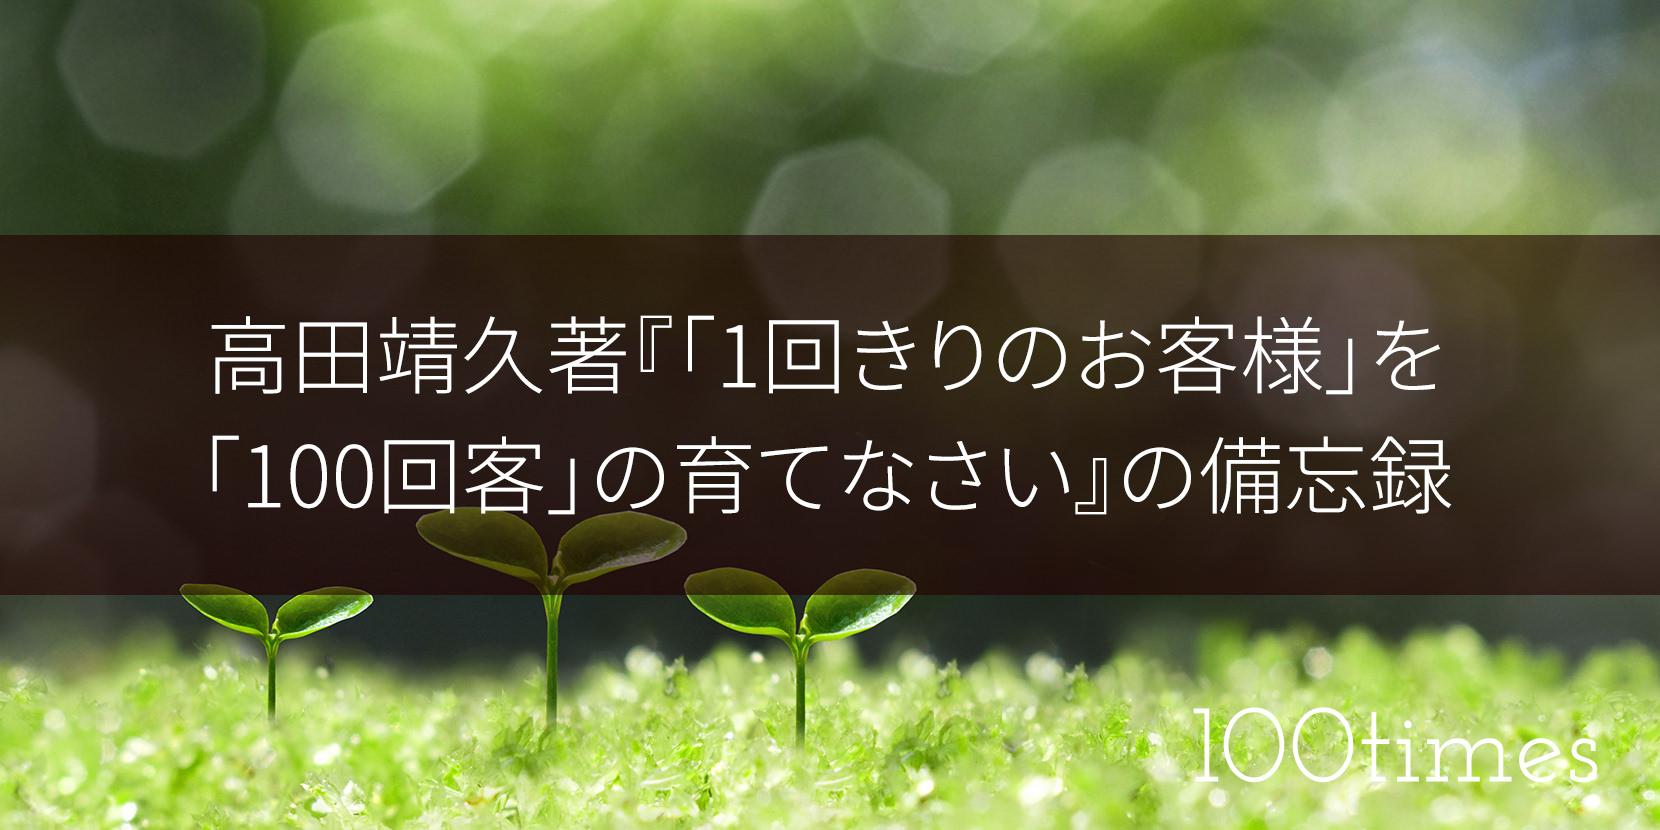 高田靖久著『1回きりのお客様を100回客の育てなさい』の備忘録